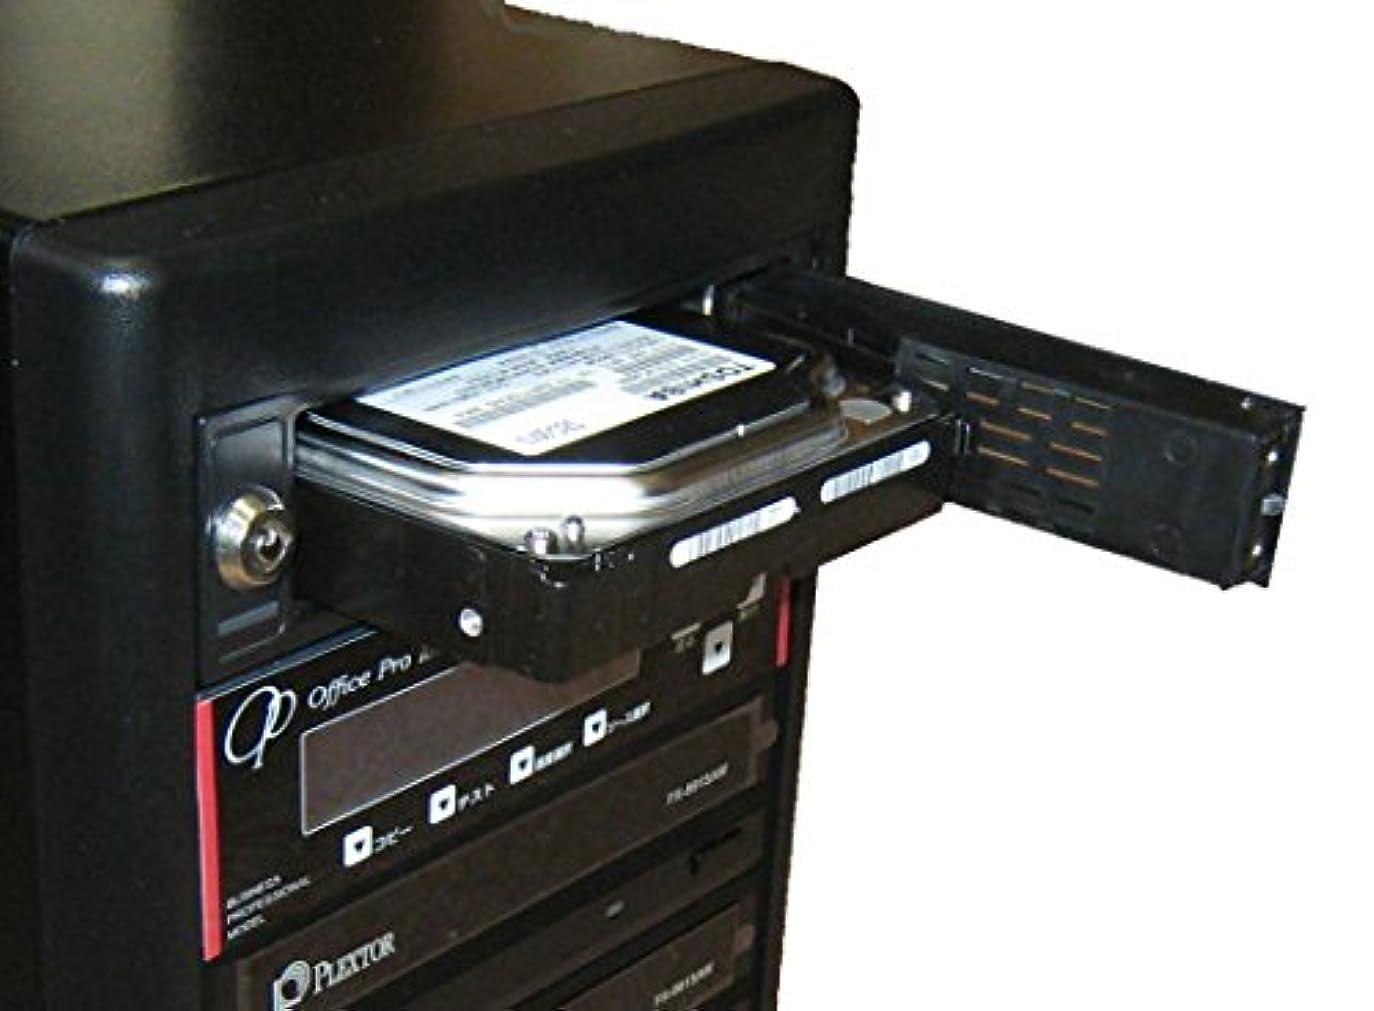 スラムハンディキャップ図書館DVDデュプリケーター 1:5 業務用 HDD搭載(1TB) ビジネスPRO 日本語表示(漢字) 高性能ハイグレードドライブ搭載 DVD/CD コピー機